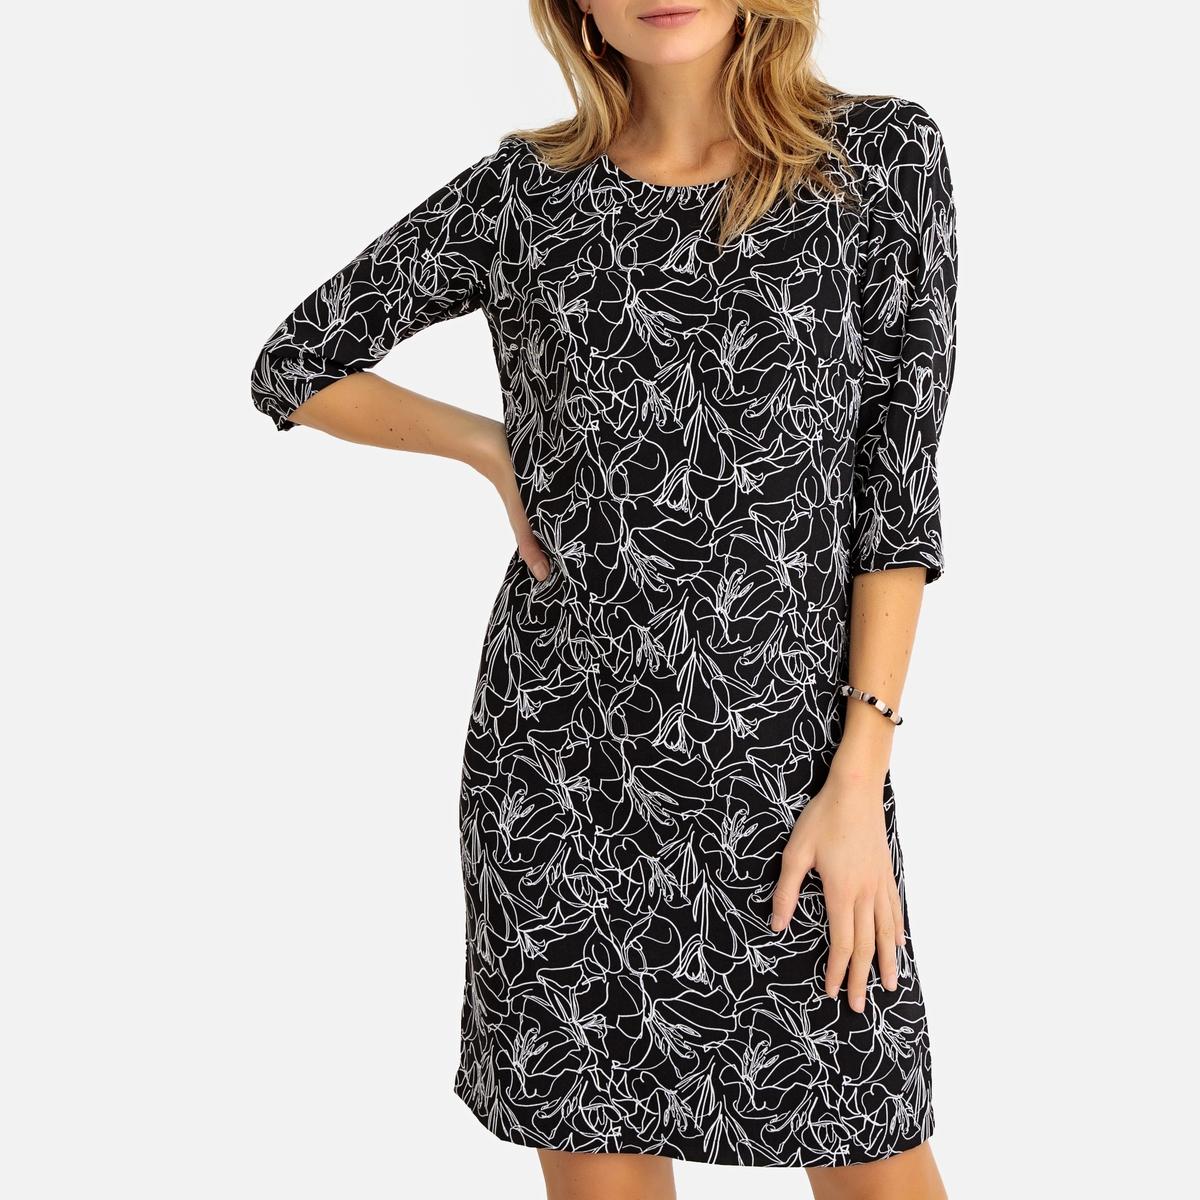 Платье La Redoute Прямое с цветочным рисунком и рукавами 38 (FR) - 44 (RUS) черный платье прямое с цветочным рисунком и контрастной полосой сзади